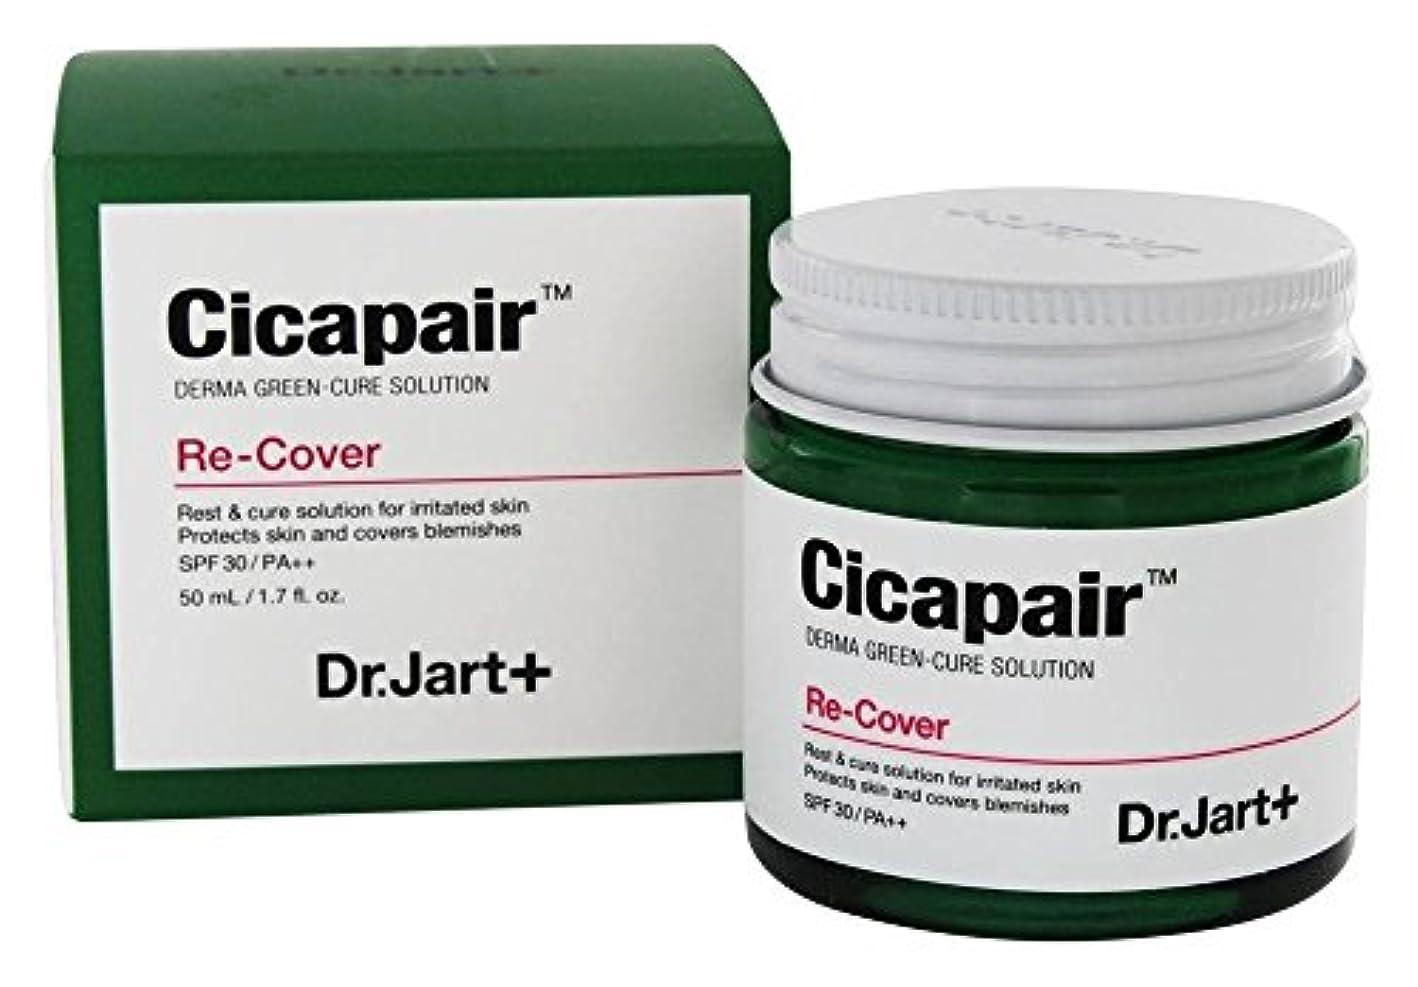 性差別活性化のりDr. Jart+ Cicapair Derma Green-Cure Solution Recover Cream 50ml [並行輸入品]